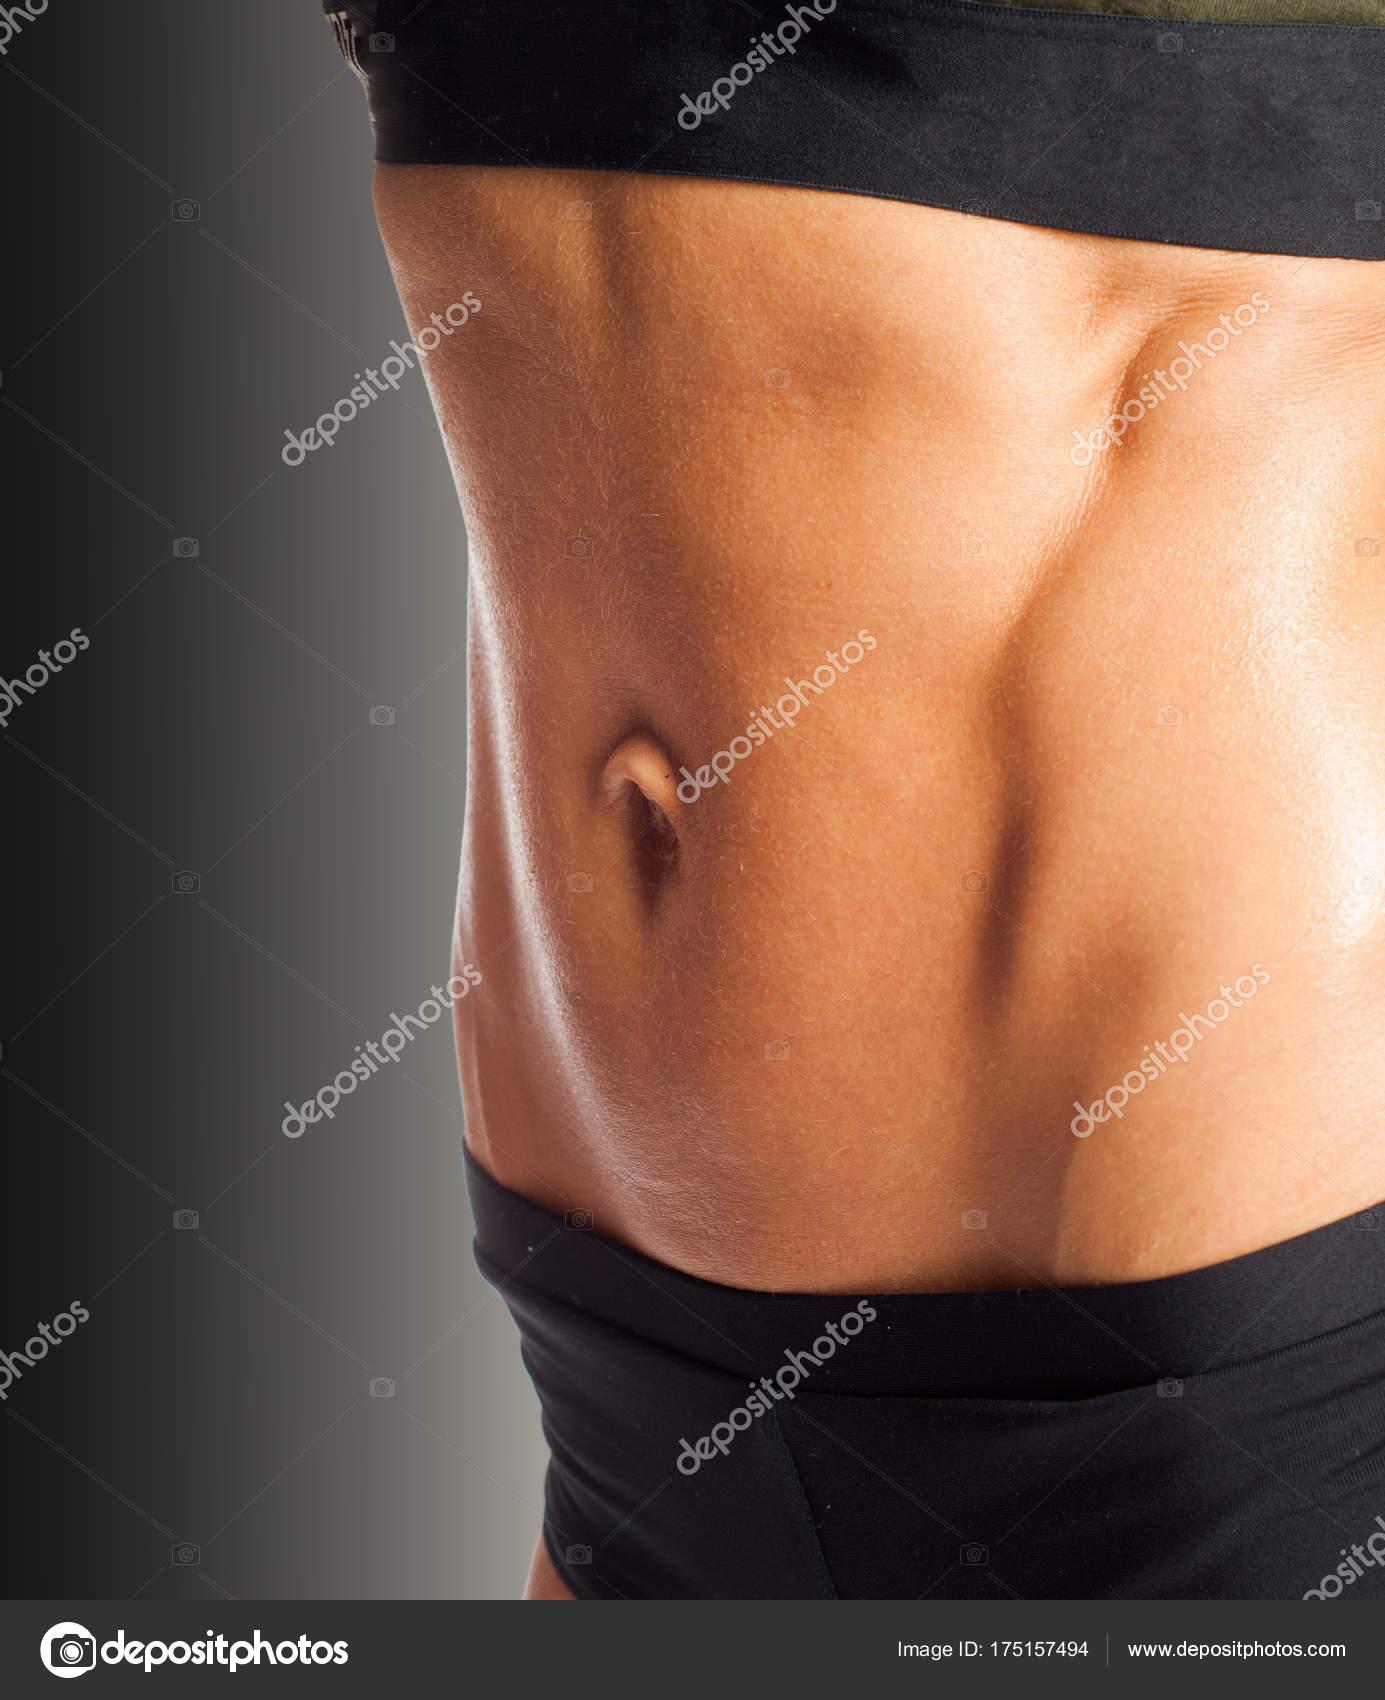 Foto von einer Frau Bauch. Mit Hilfe der Bauchmuskeln — Stockfoto ...